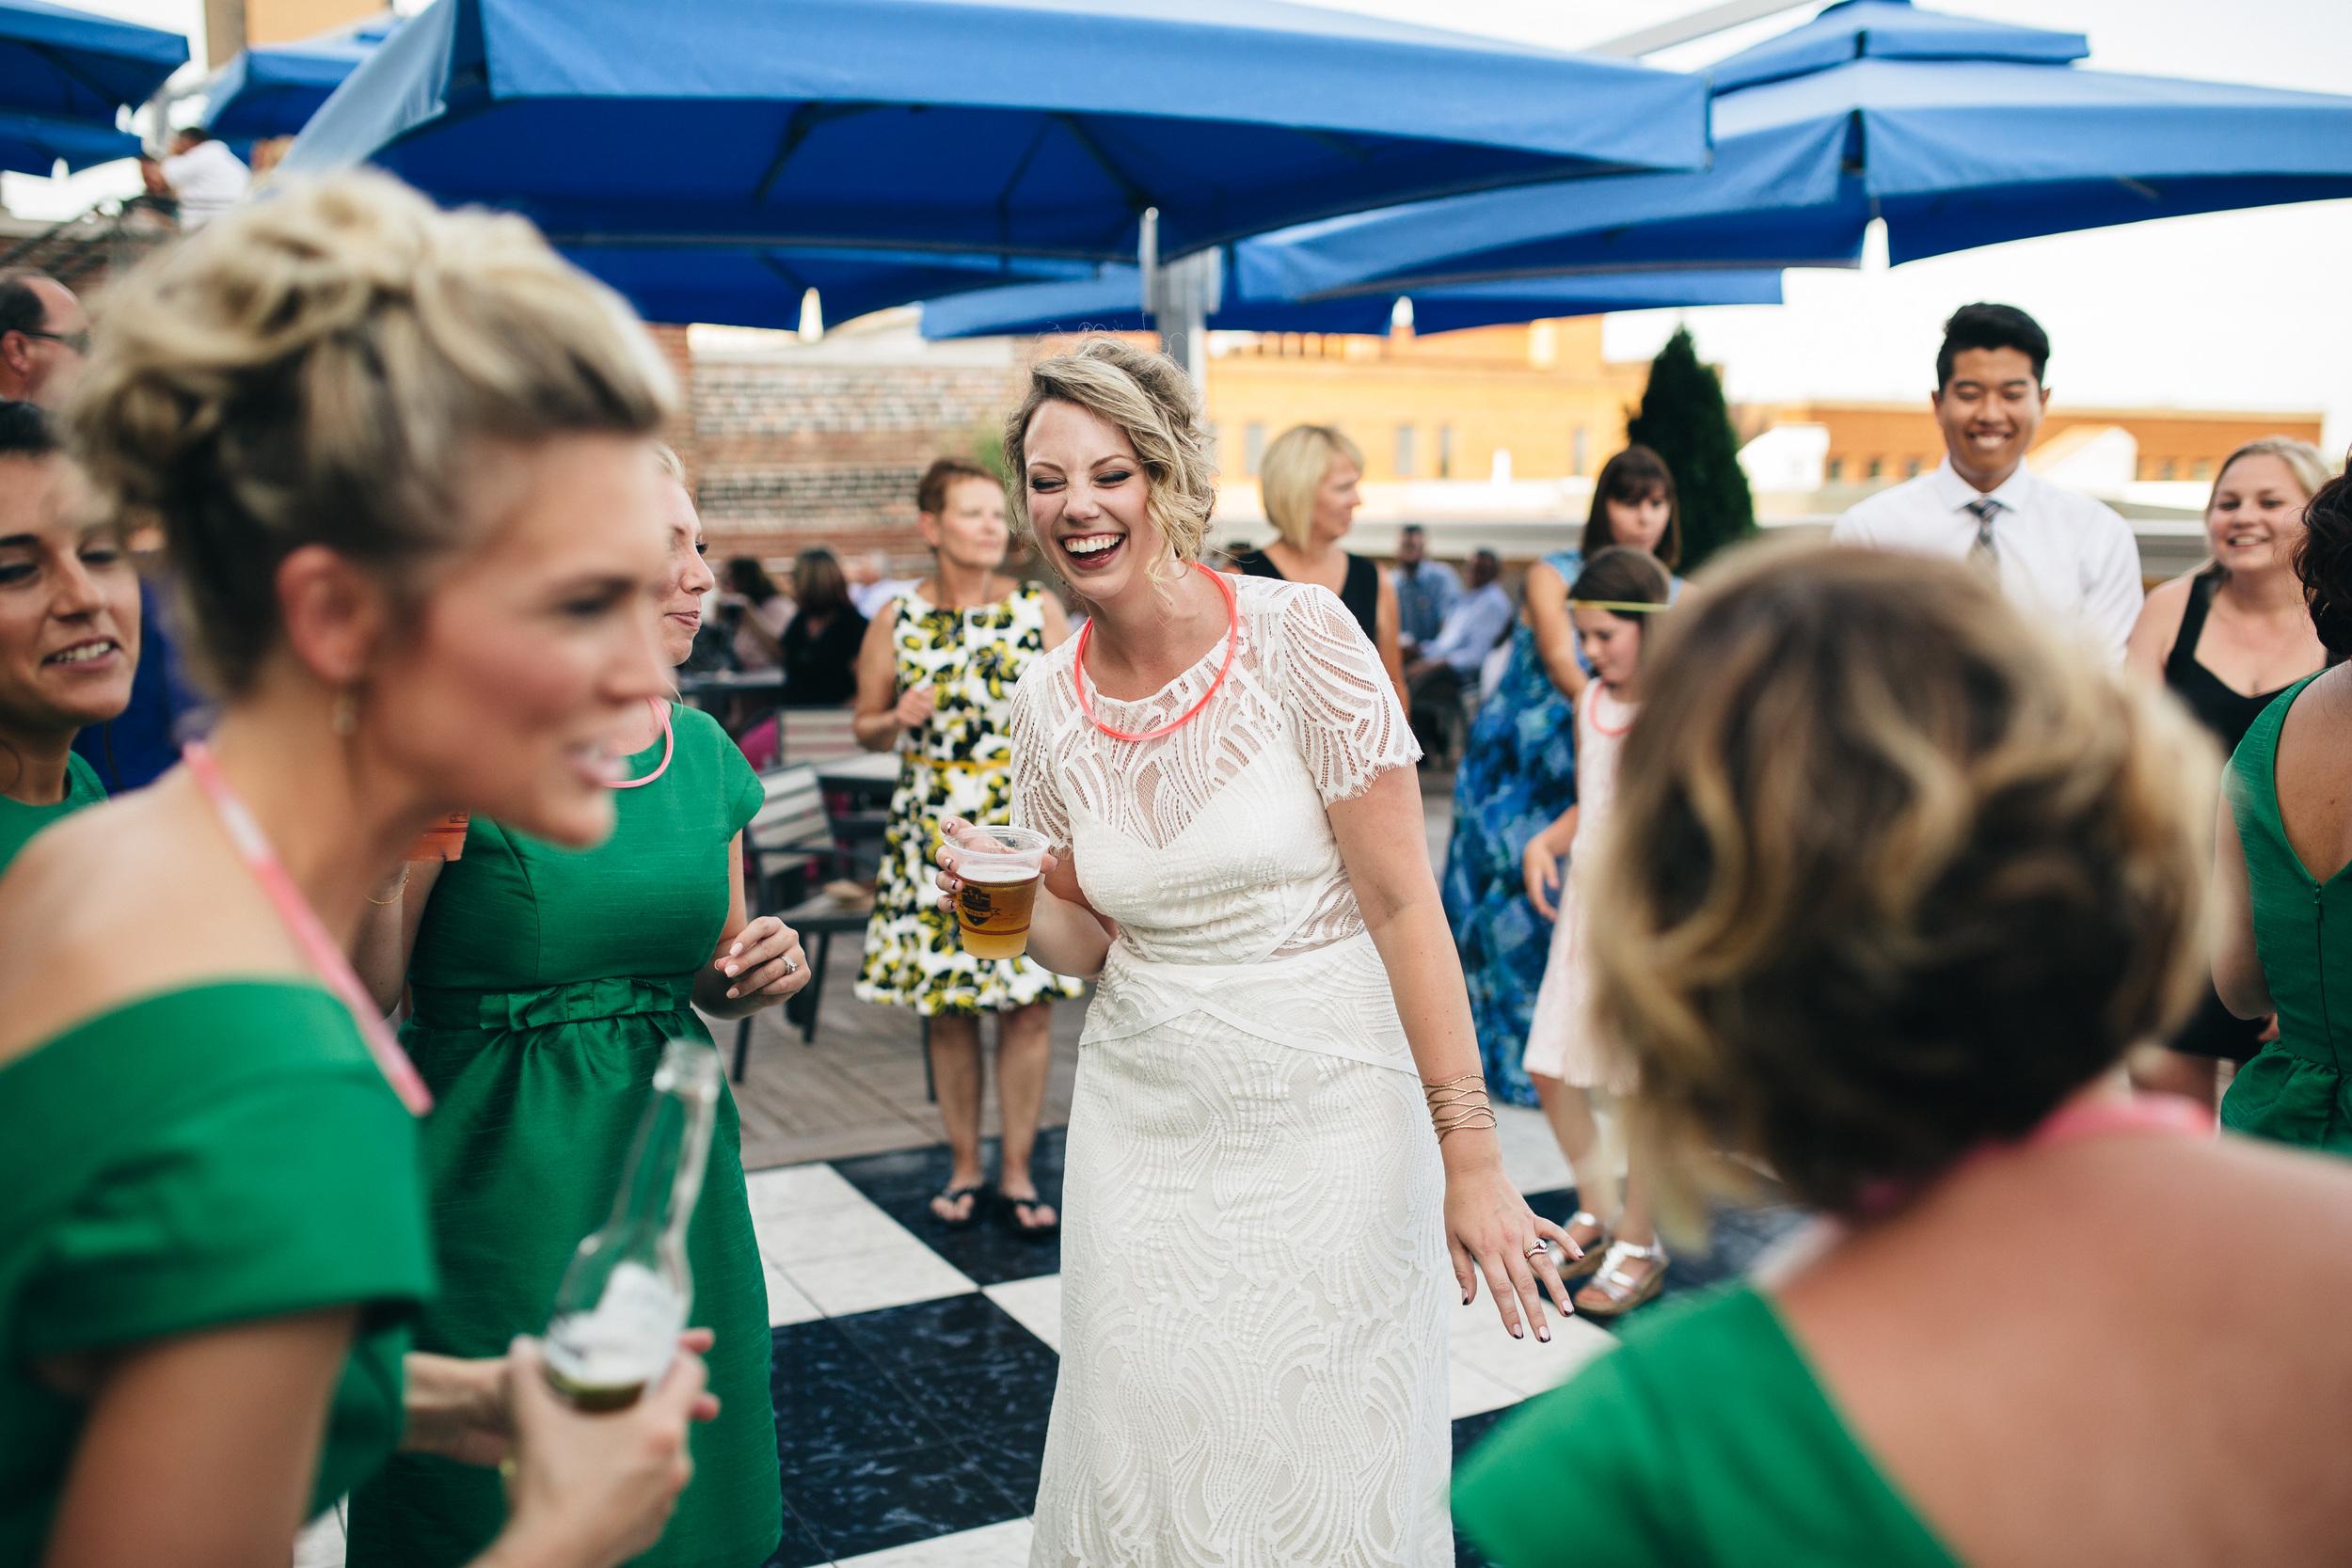 Bride dances at wedding reception.